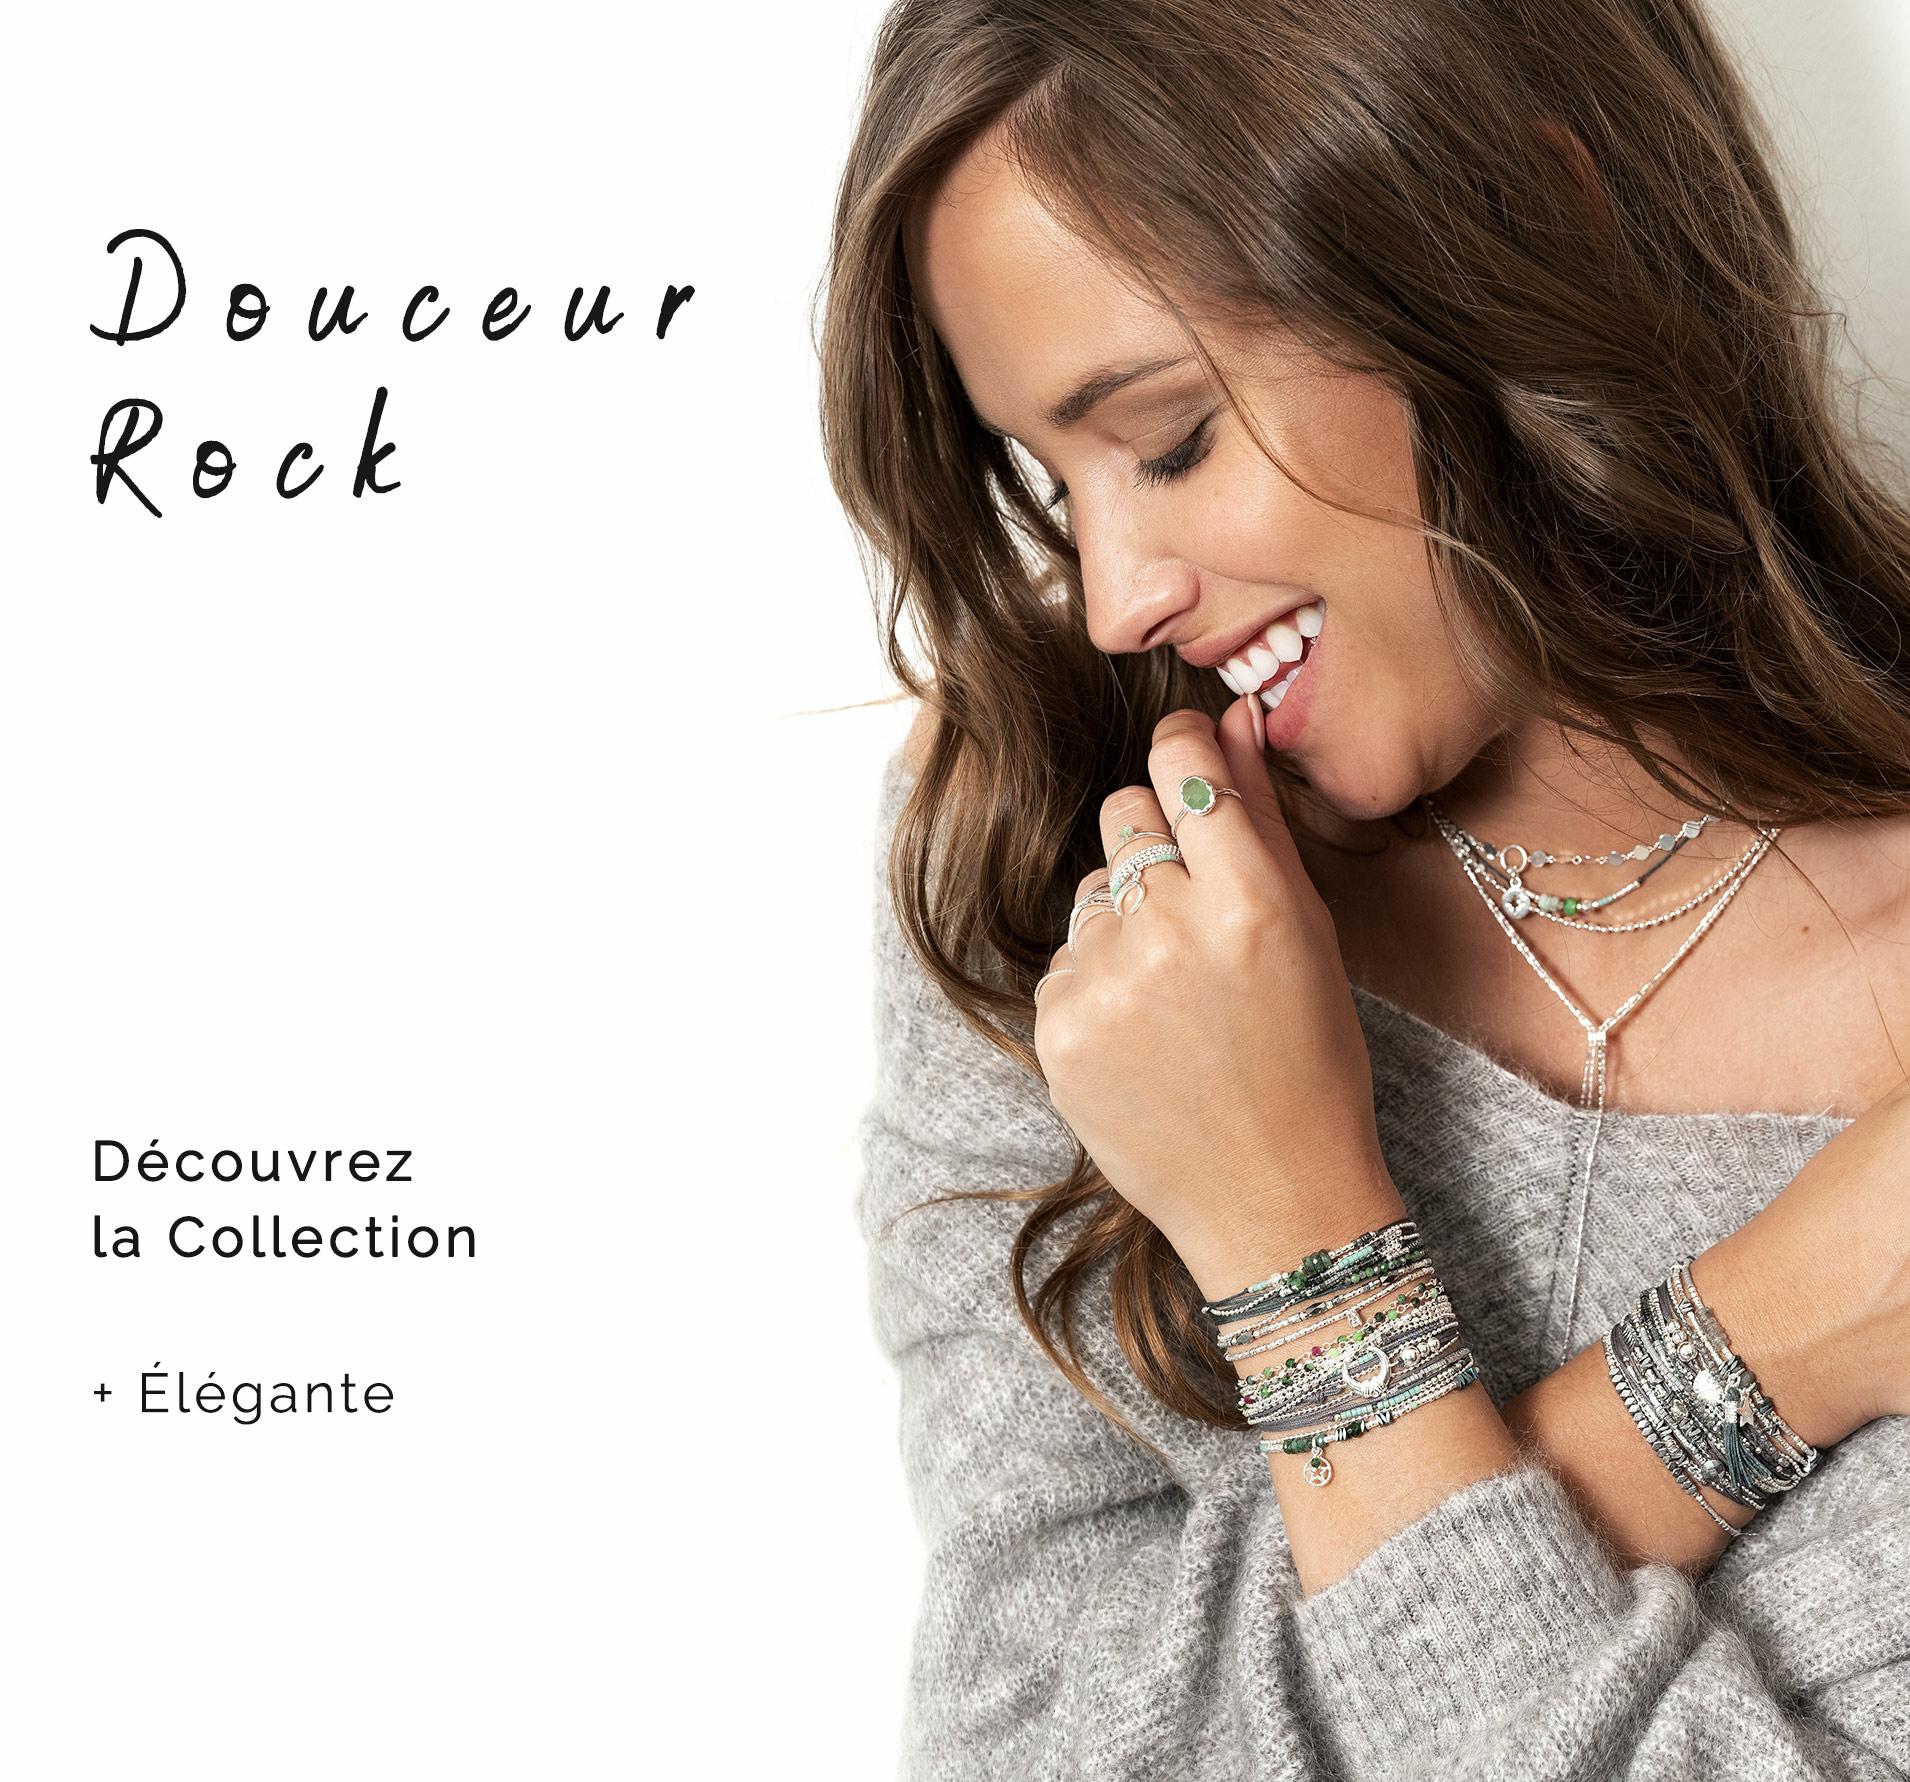 Douceur-Rock